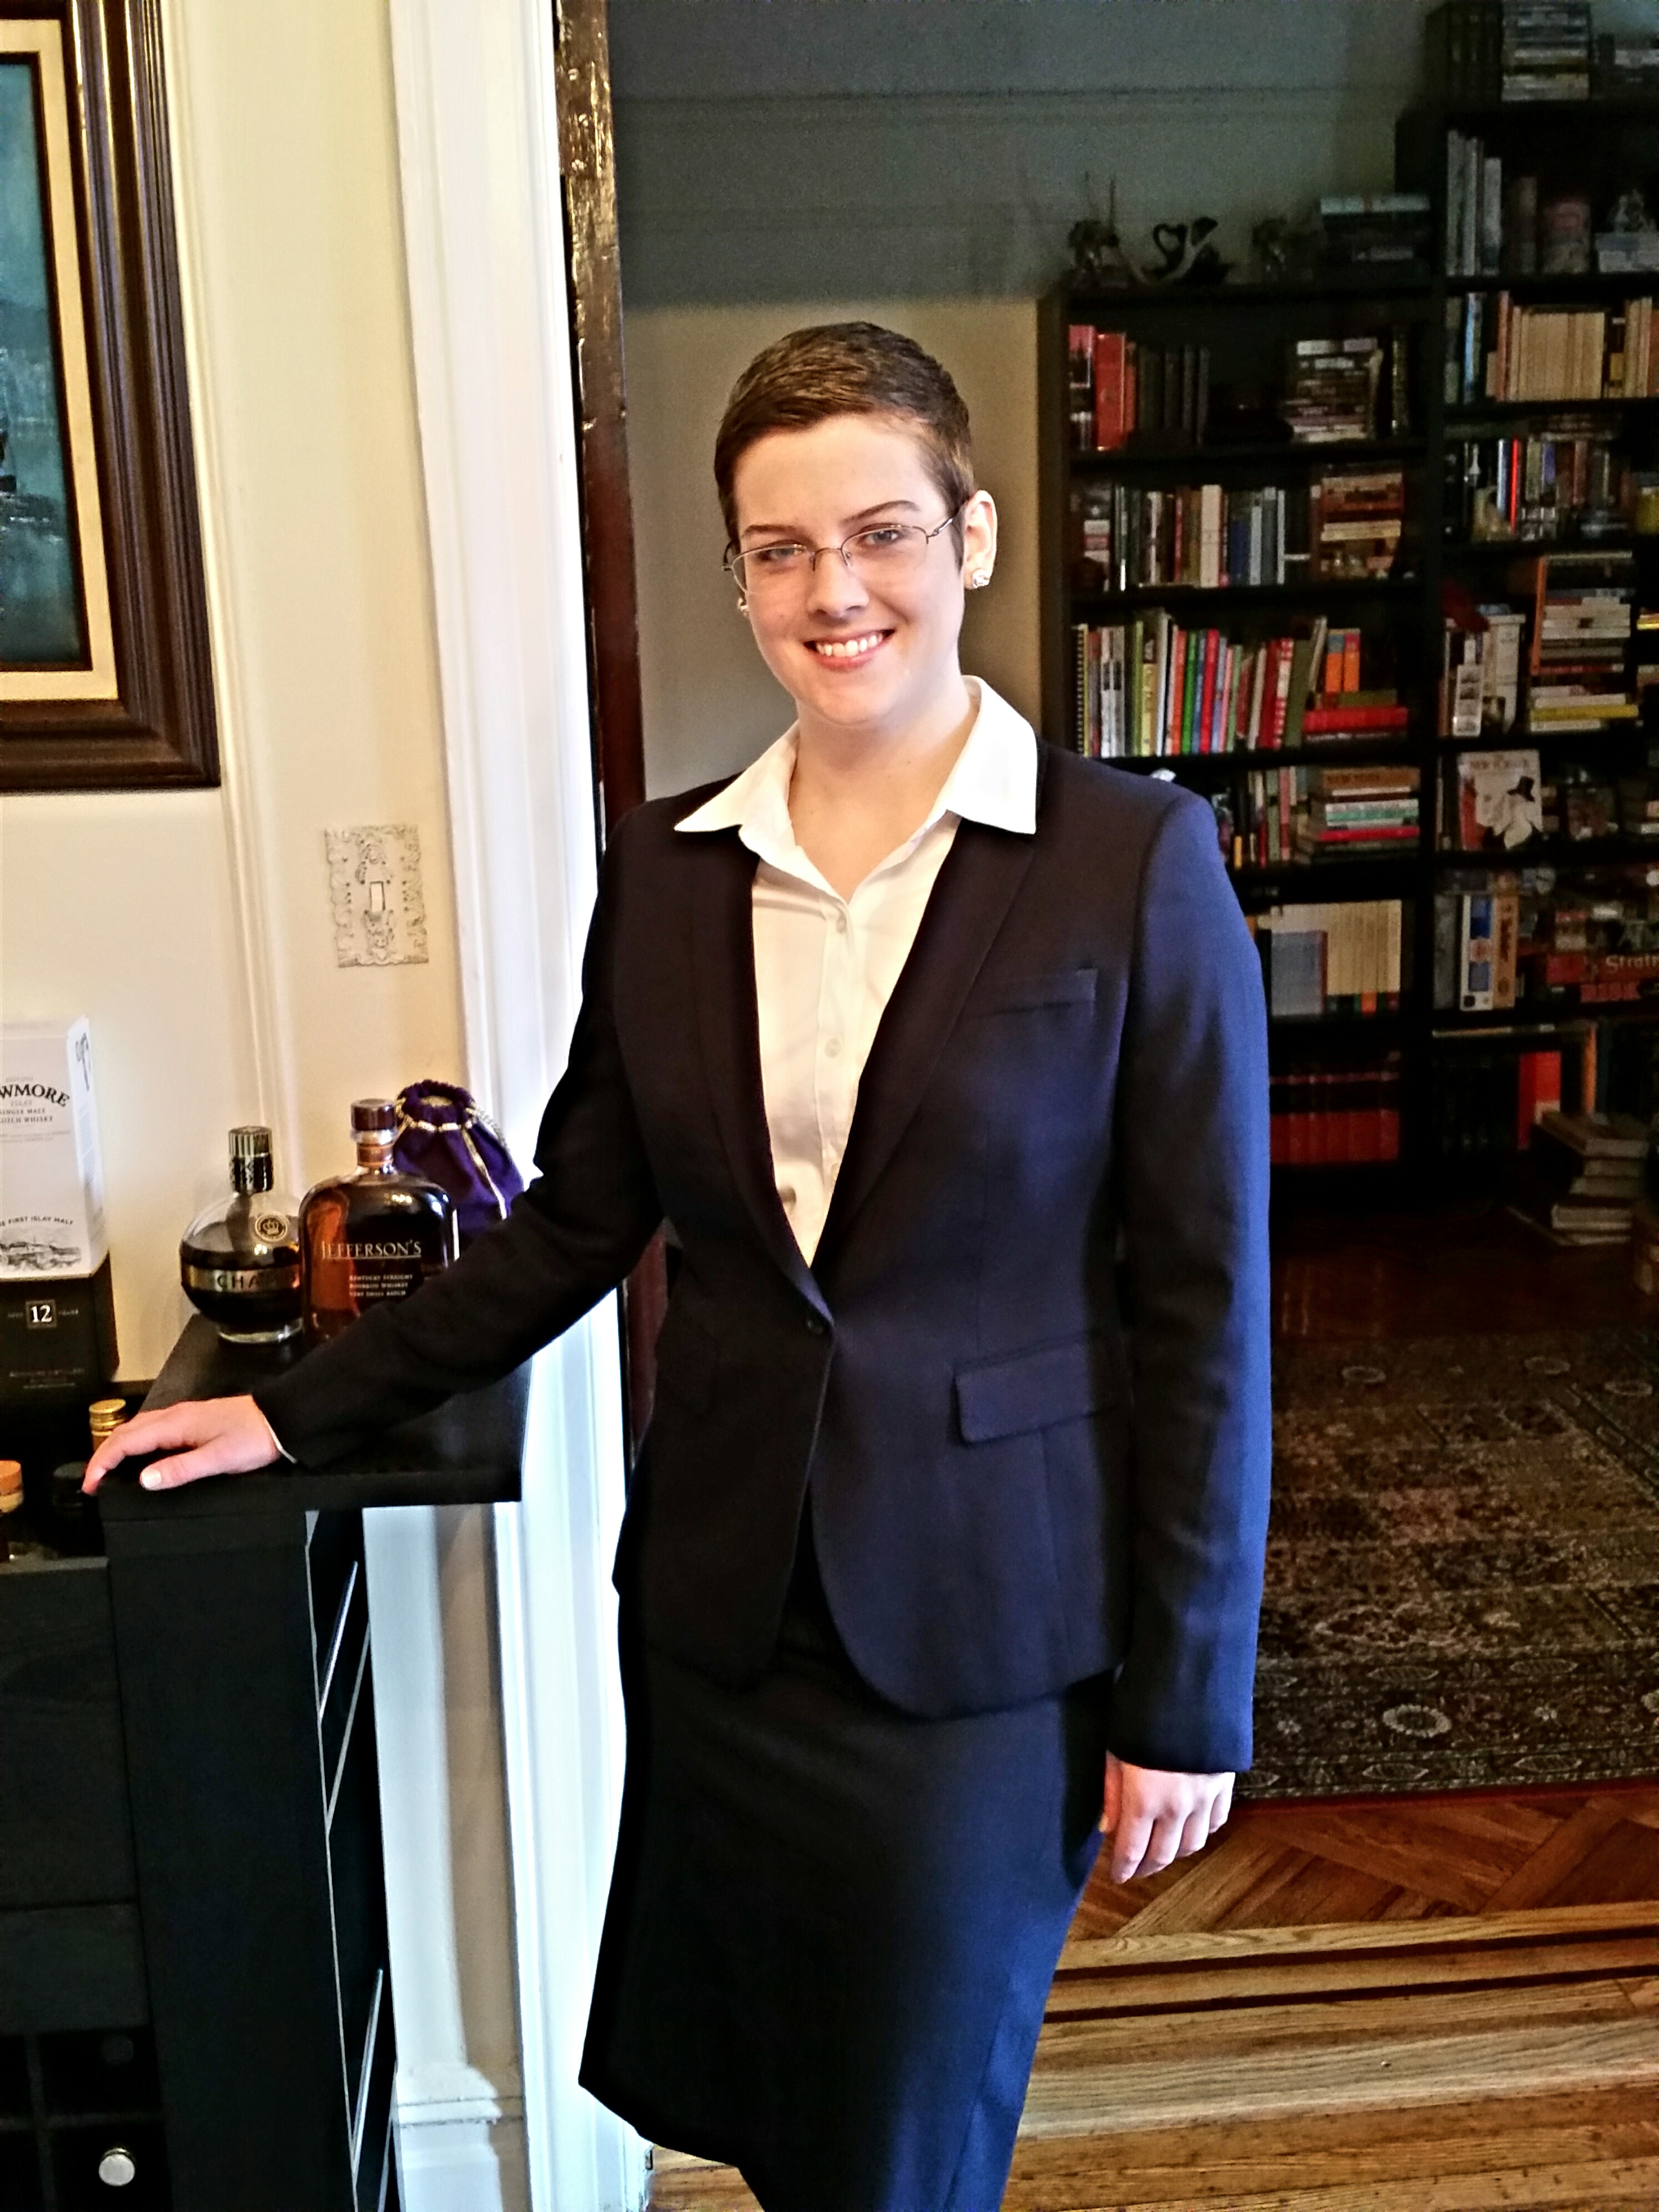 Scott Drotar Stephanie Lawyer